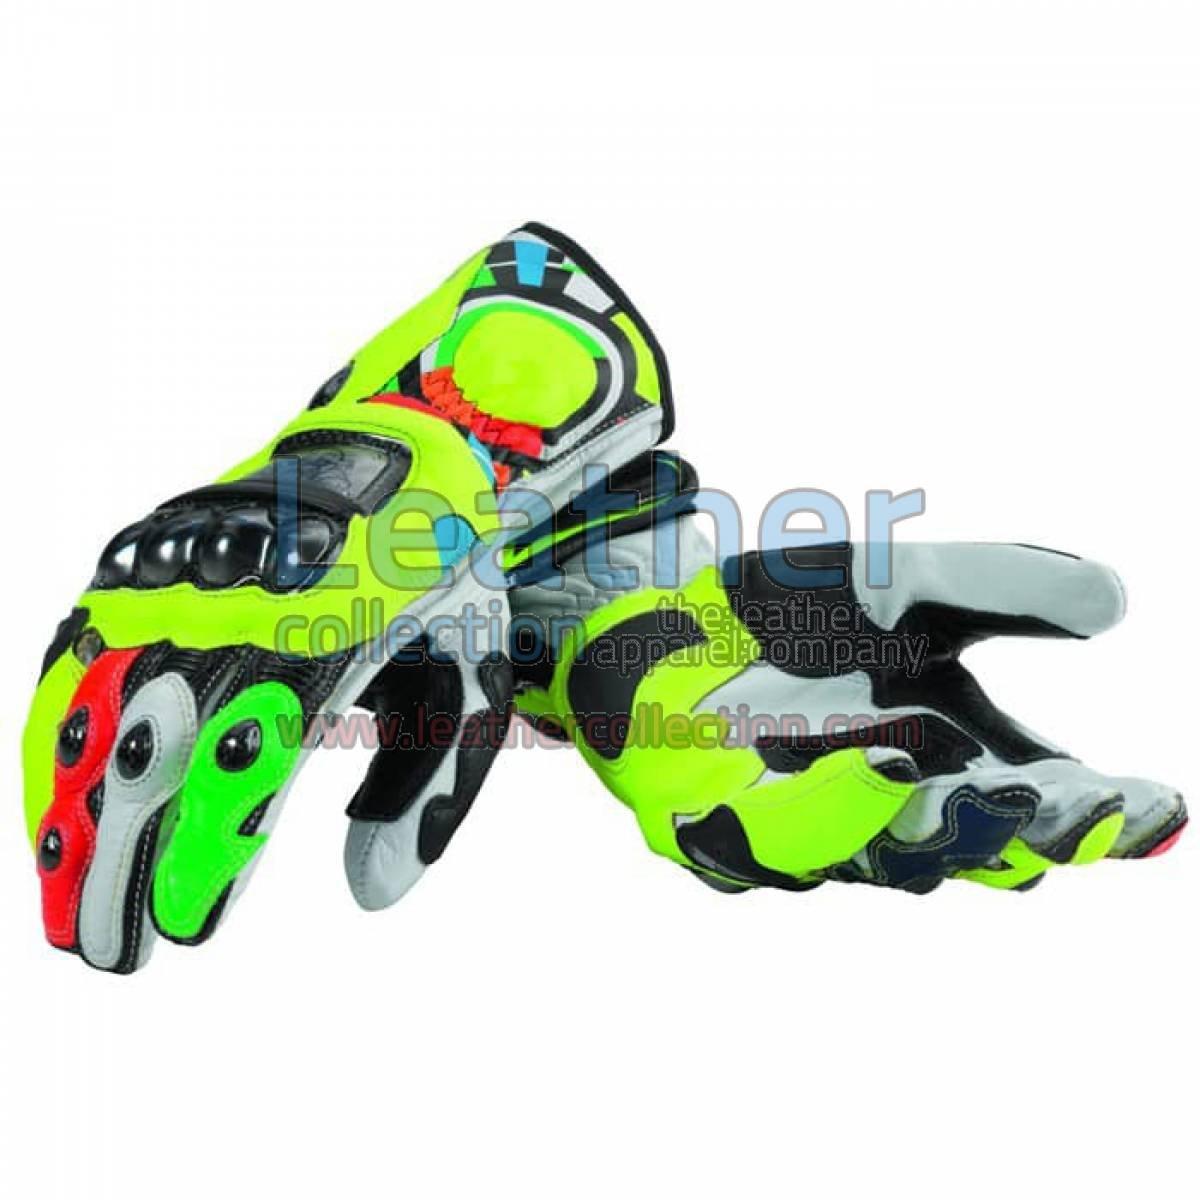 Valentino Rossi Team Ducati Replica Gloves